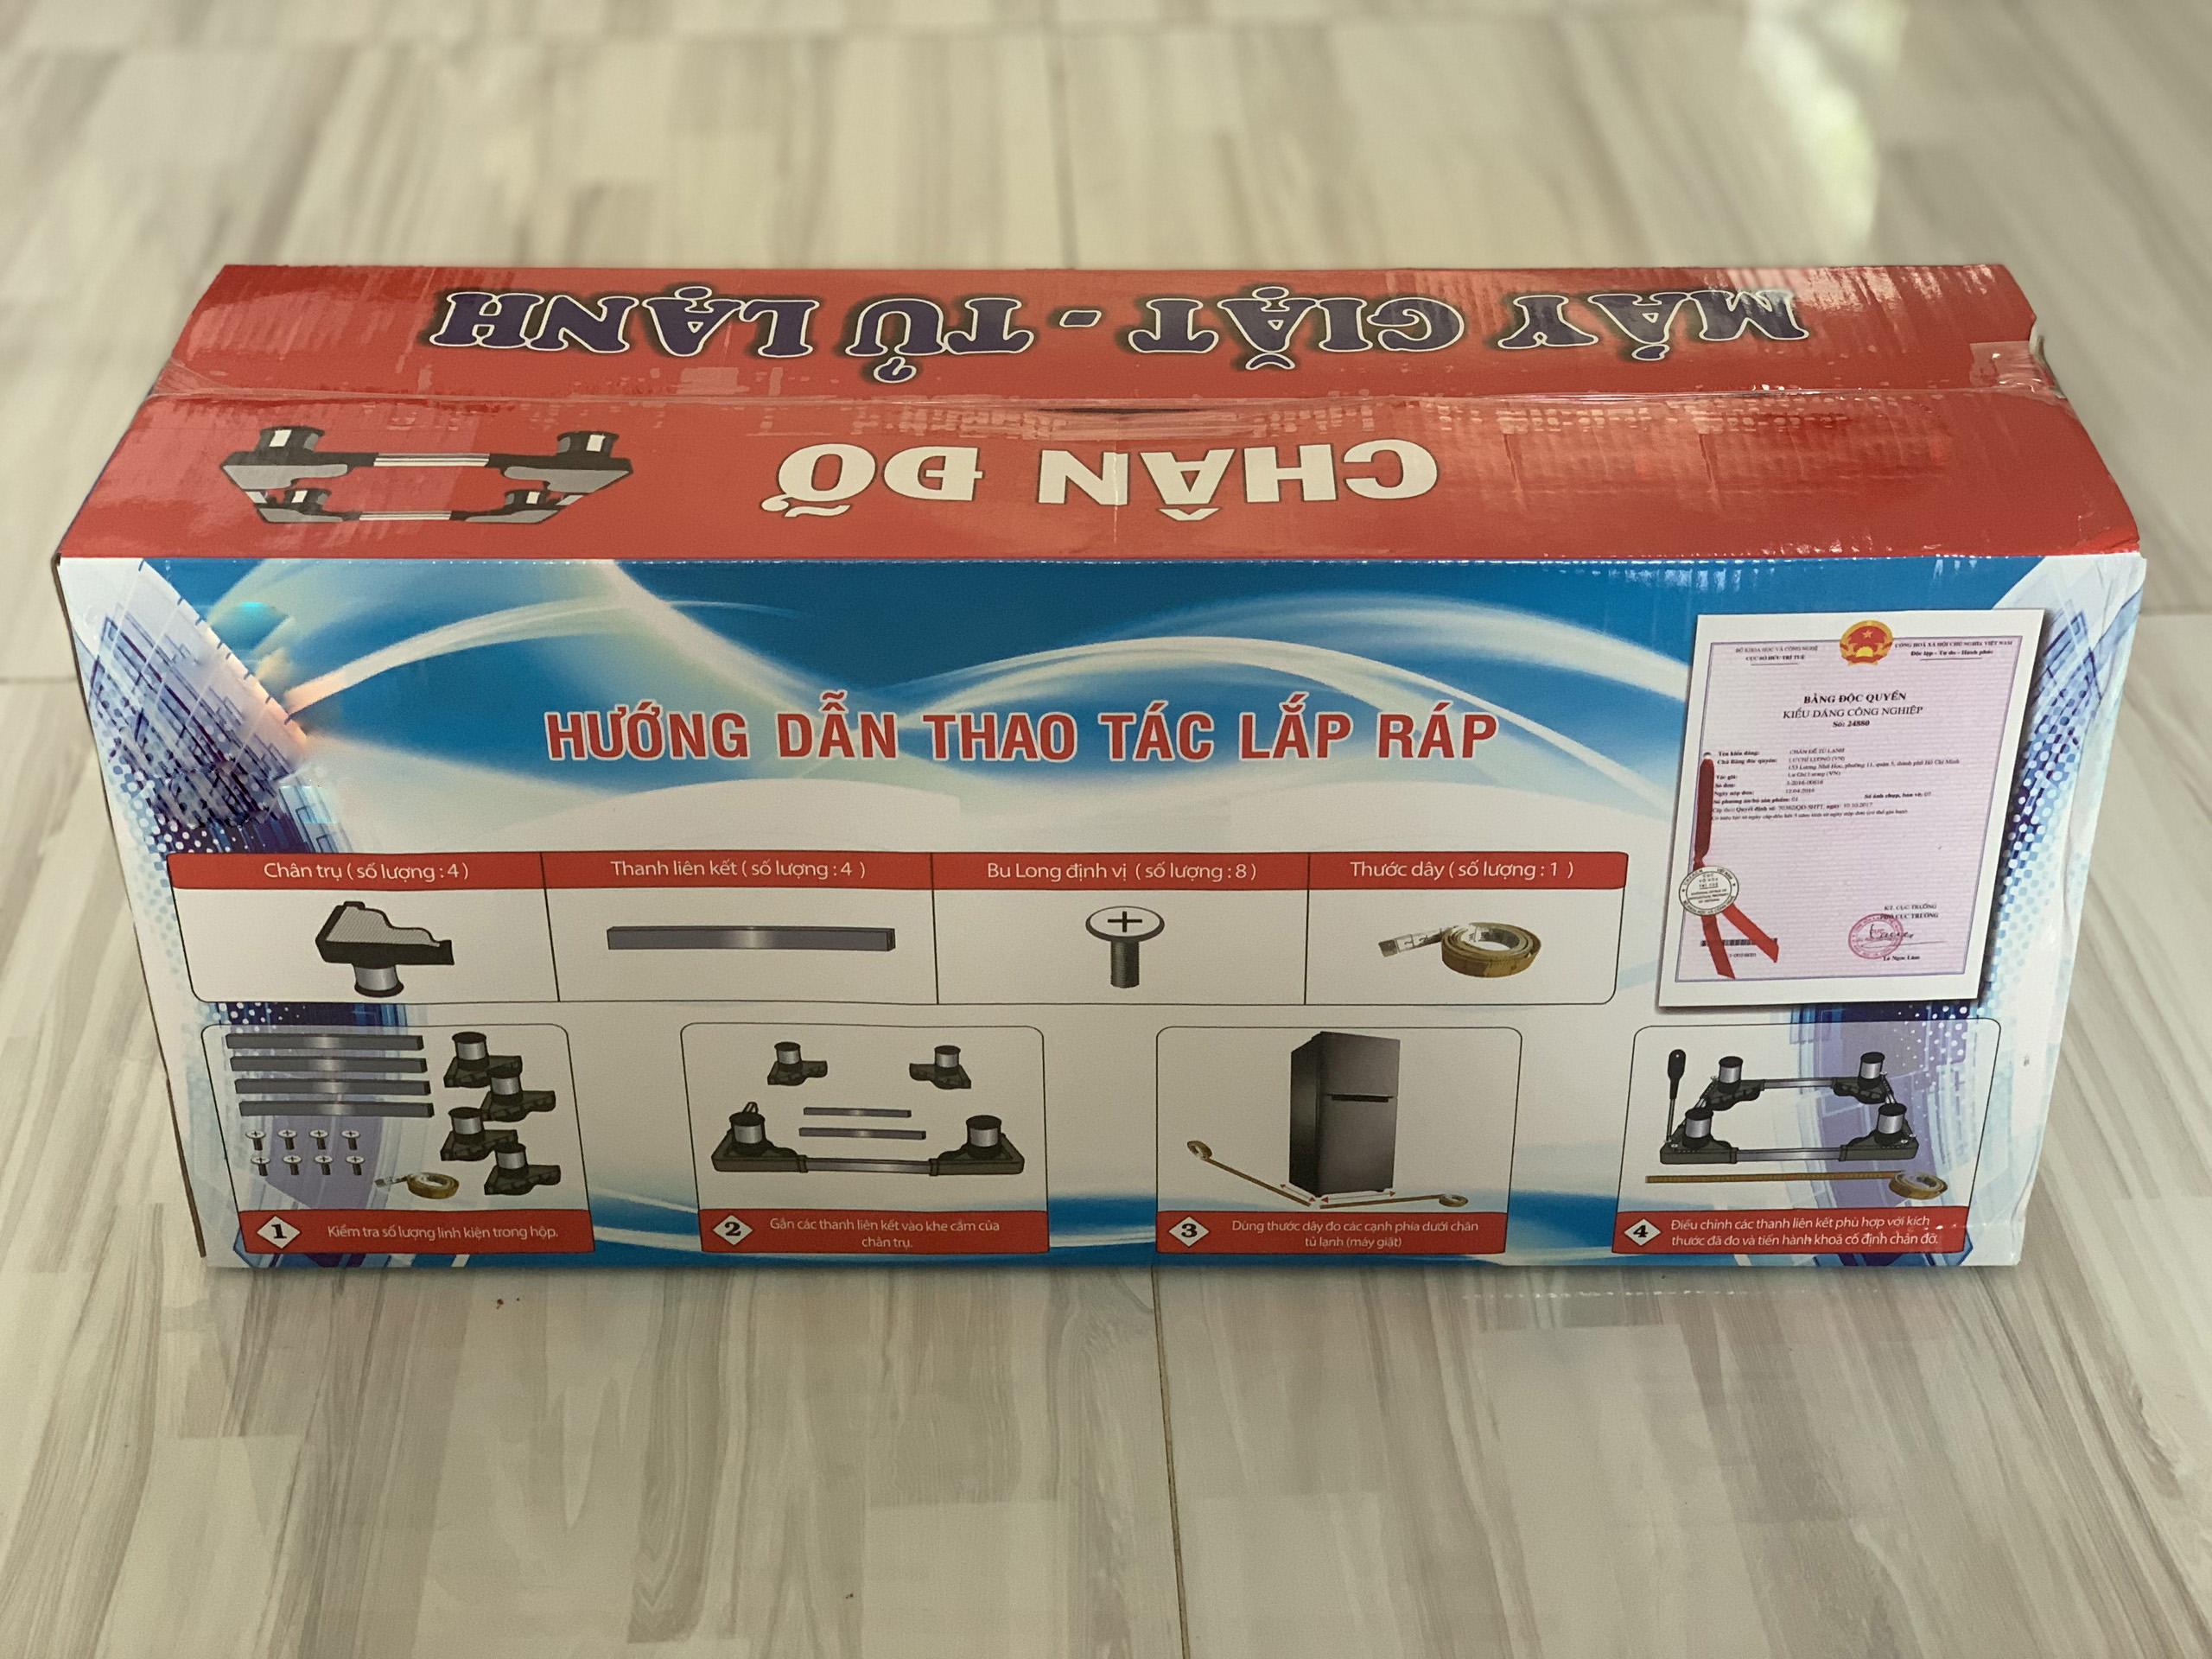 Kệ chân đế máy giặt tủ lạnh inox cao cấp 55x77cm INOX dày 1mm